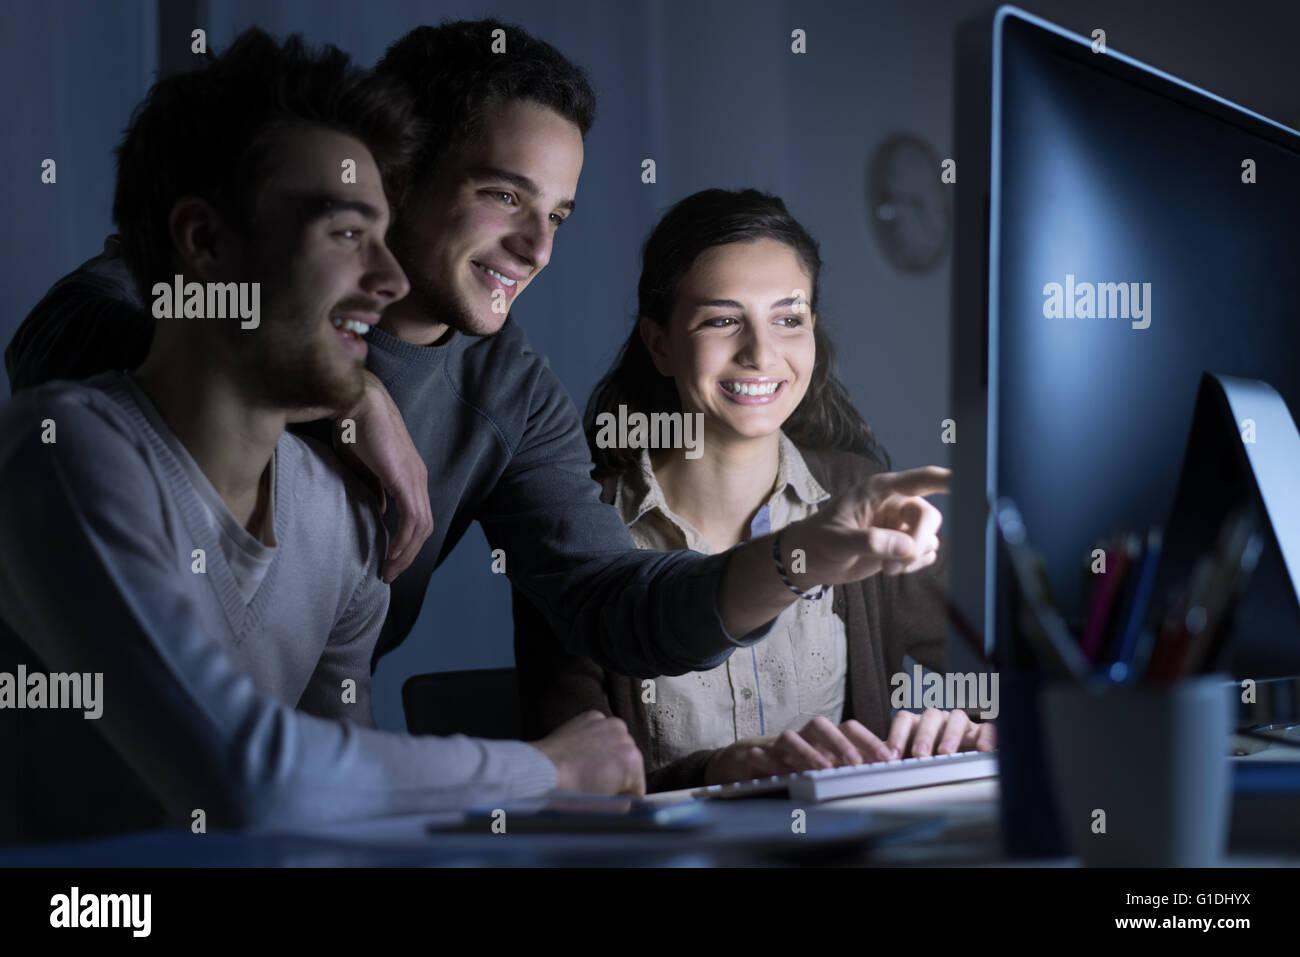 Lächelnde Studenten mit einem Computer mit Internet verbinden, sind sie Vernetzung und Zugriff auf Webseiten, Stockbild